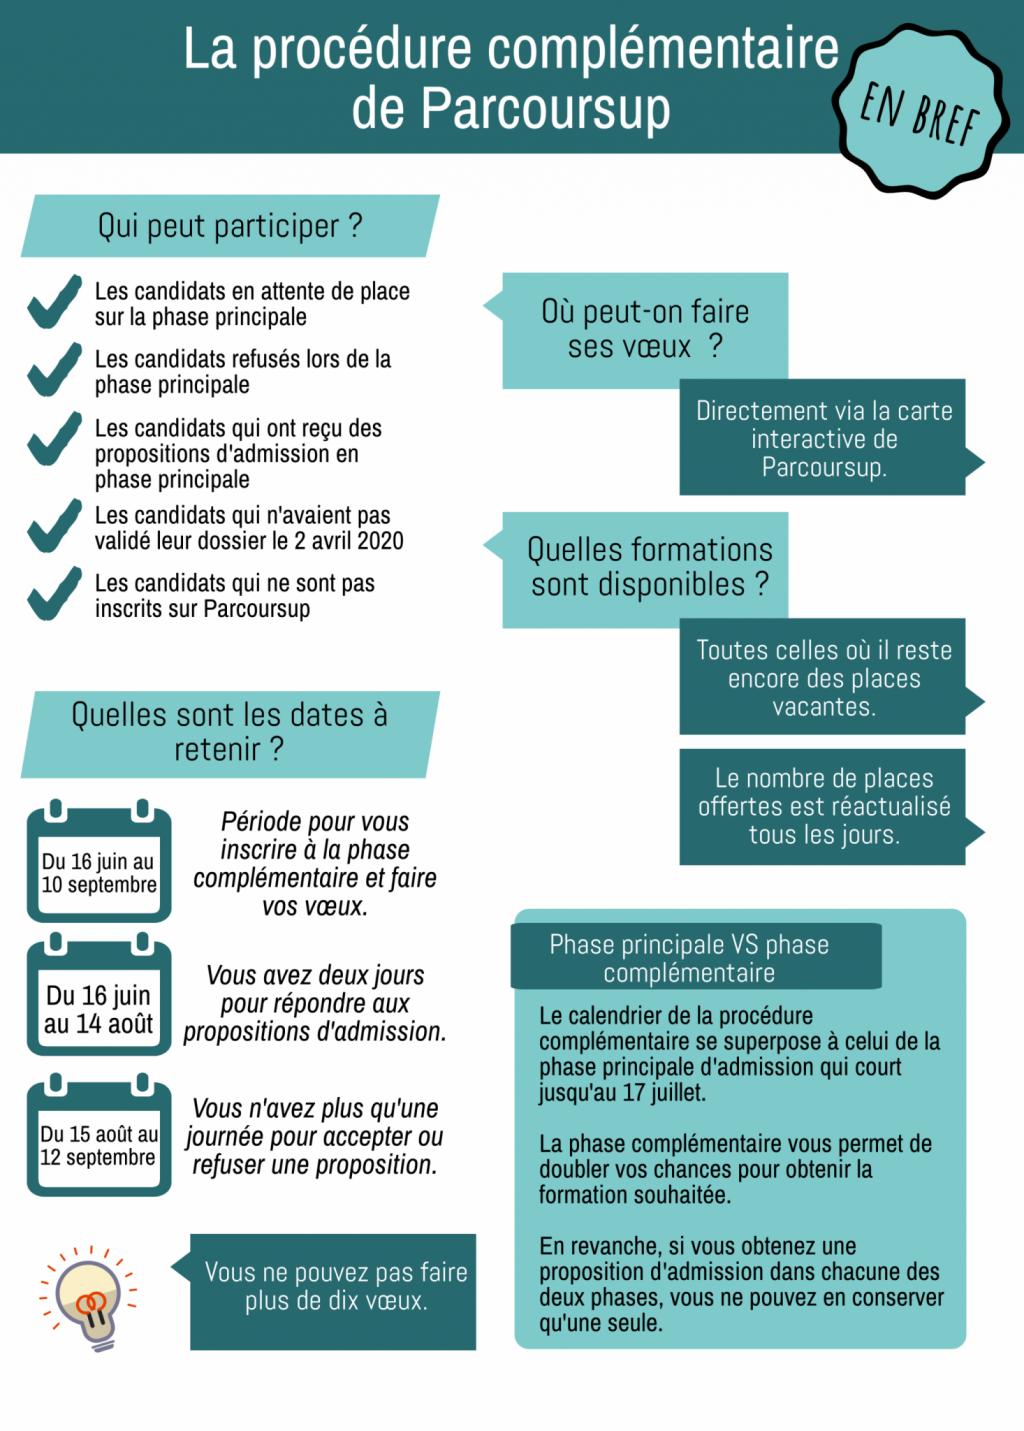 La procédure complémentaire de Parcoursup en bref //©Pauline Bluteau